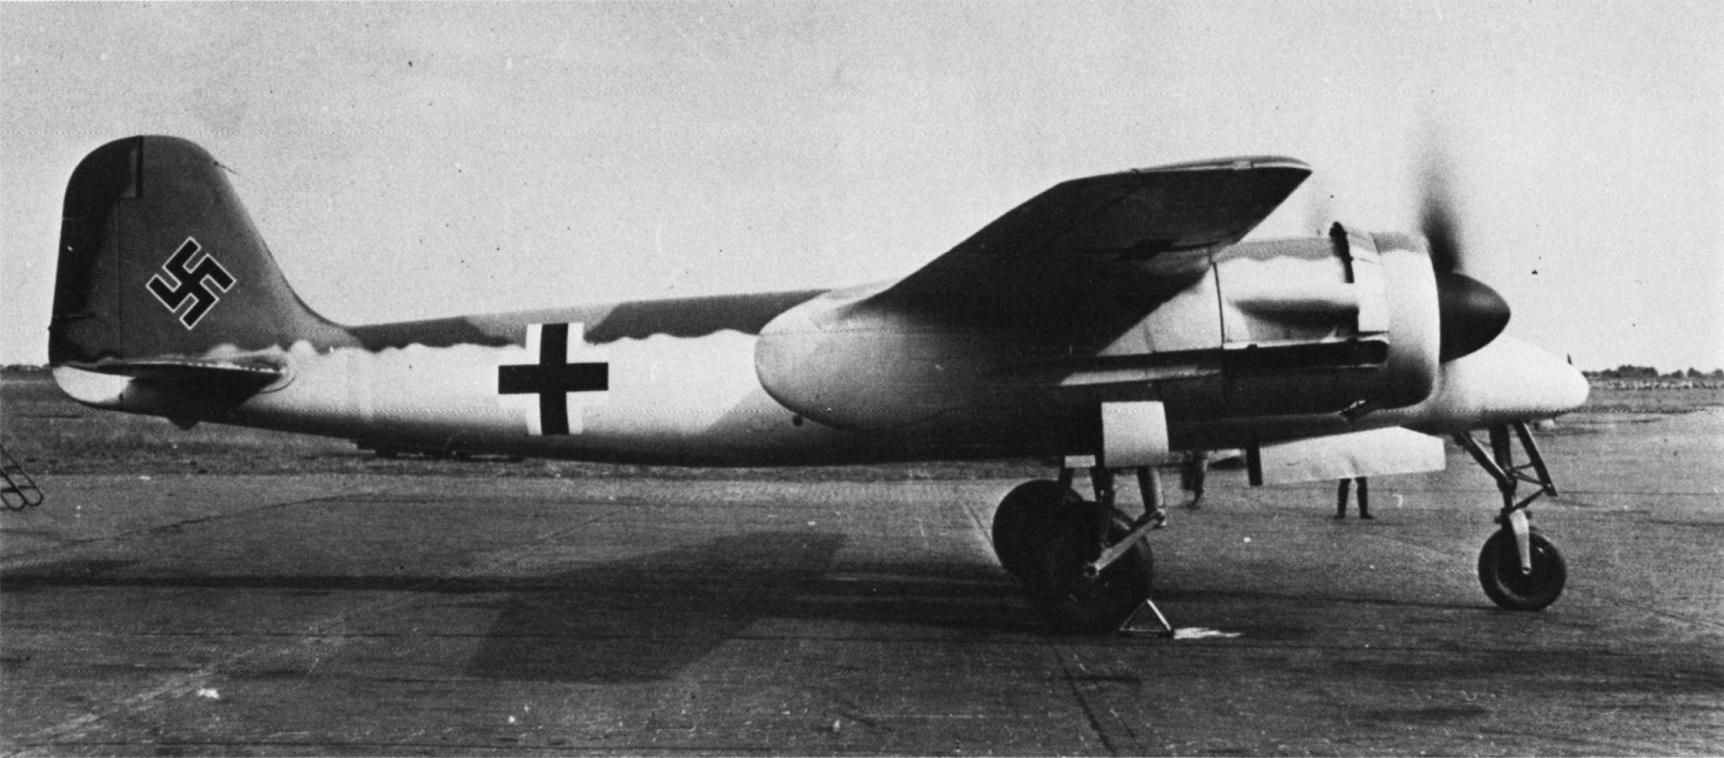 Focke-WolfTa-154